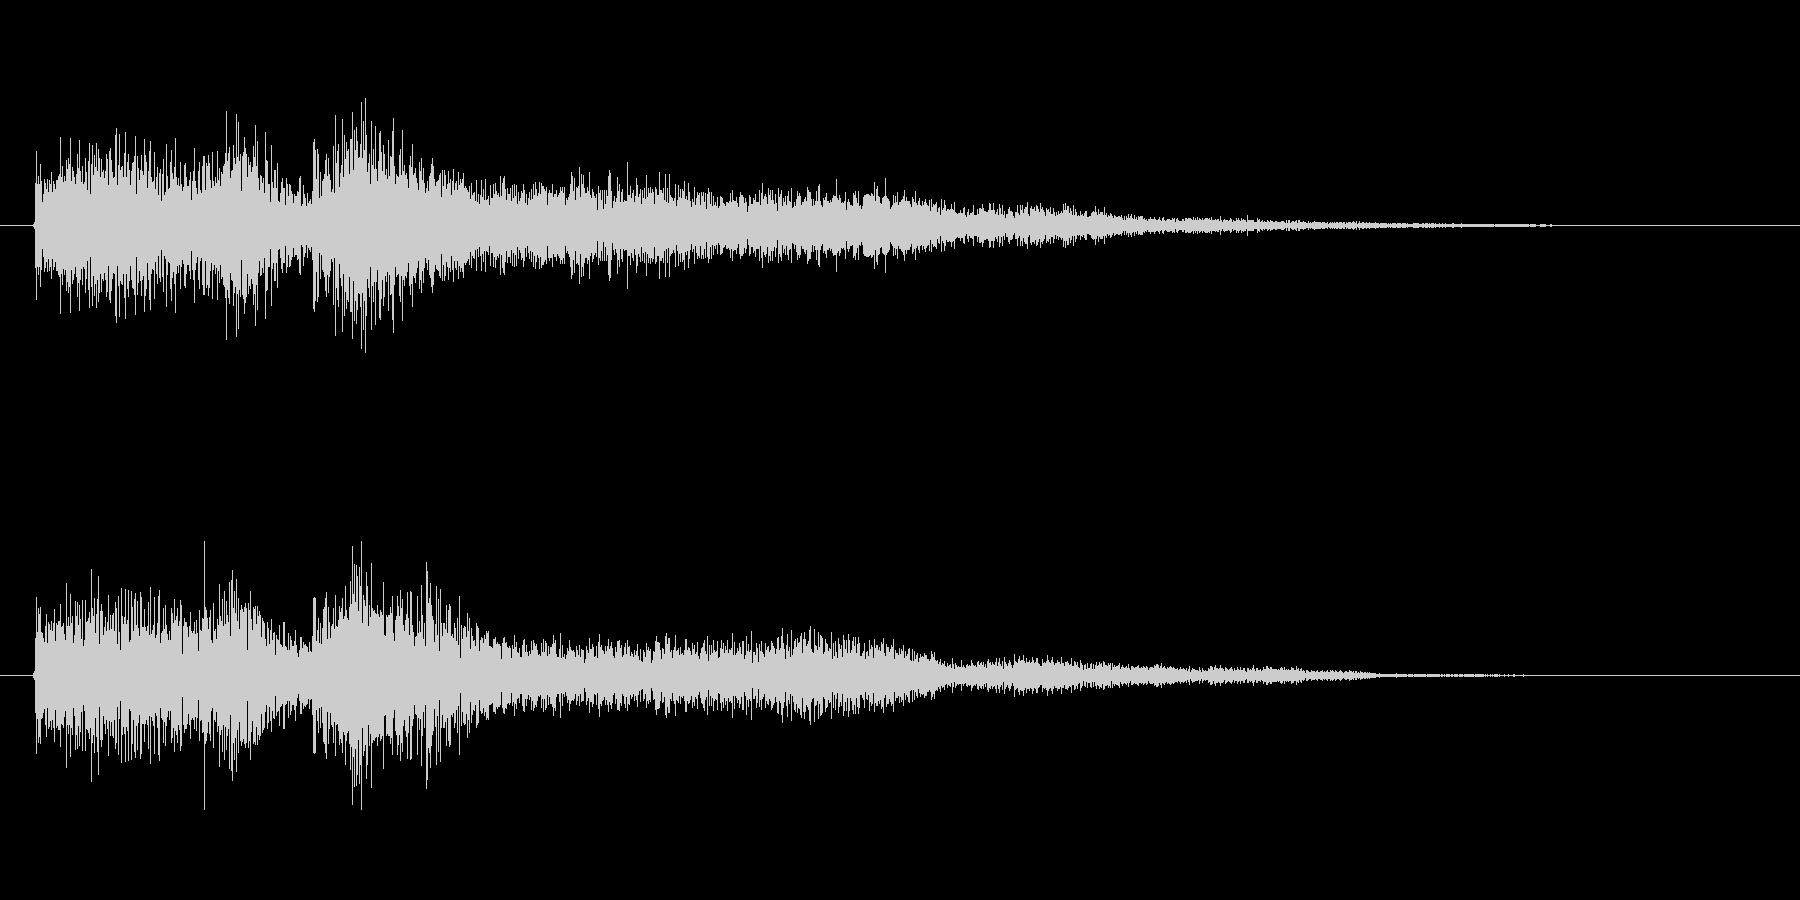 レベルアップ用音源オーケストラテクノの未再生の波形